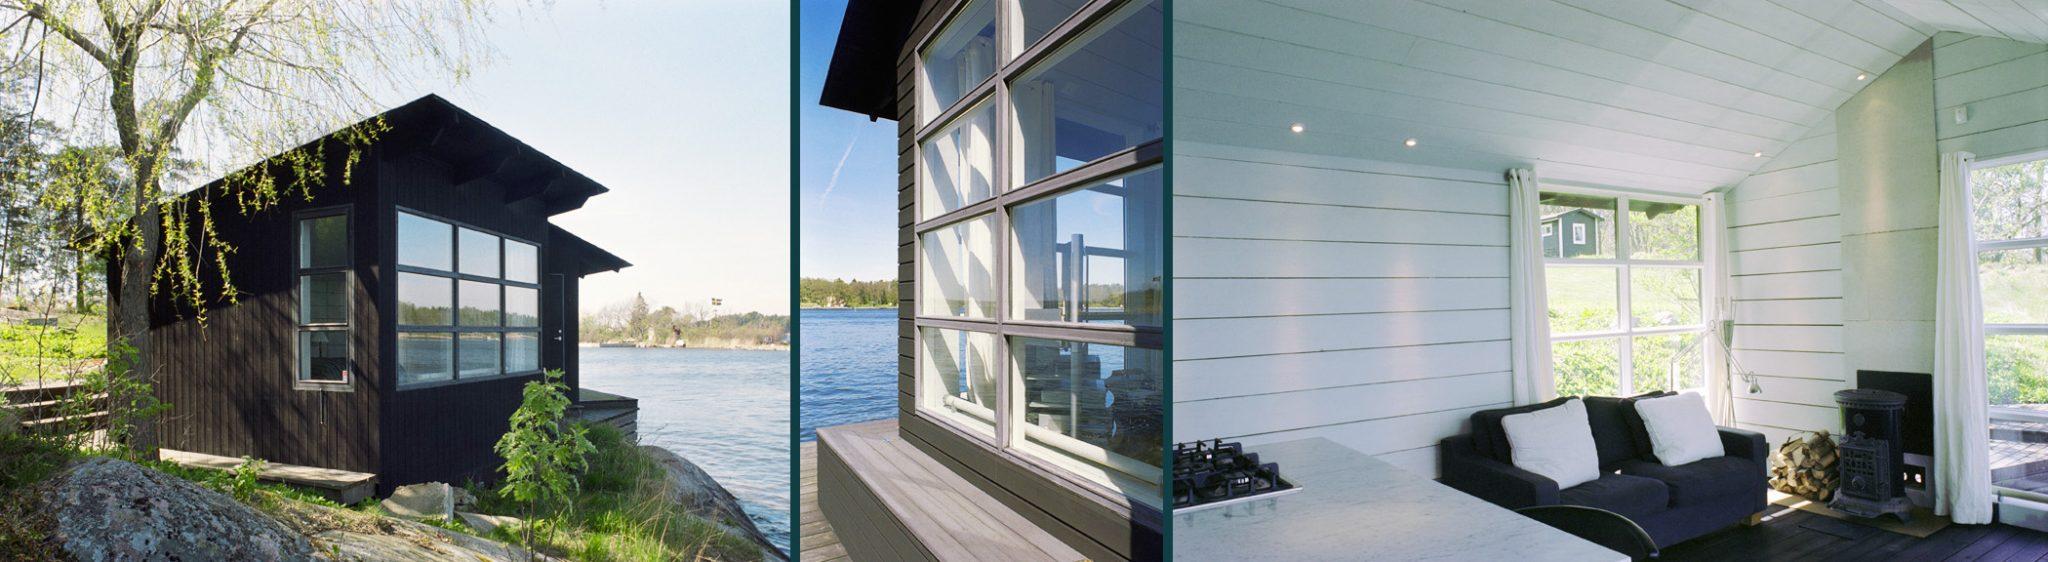 In- och utsida av sjöbod Beckbo, ritat av Rex arkitektbyrå